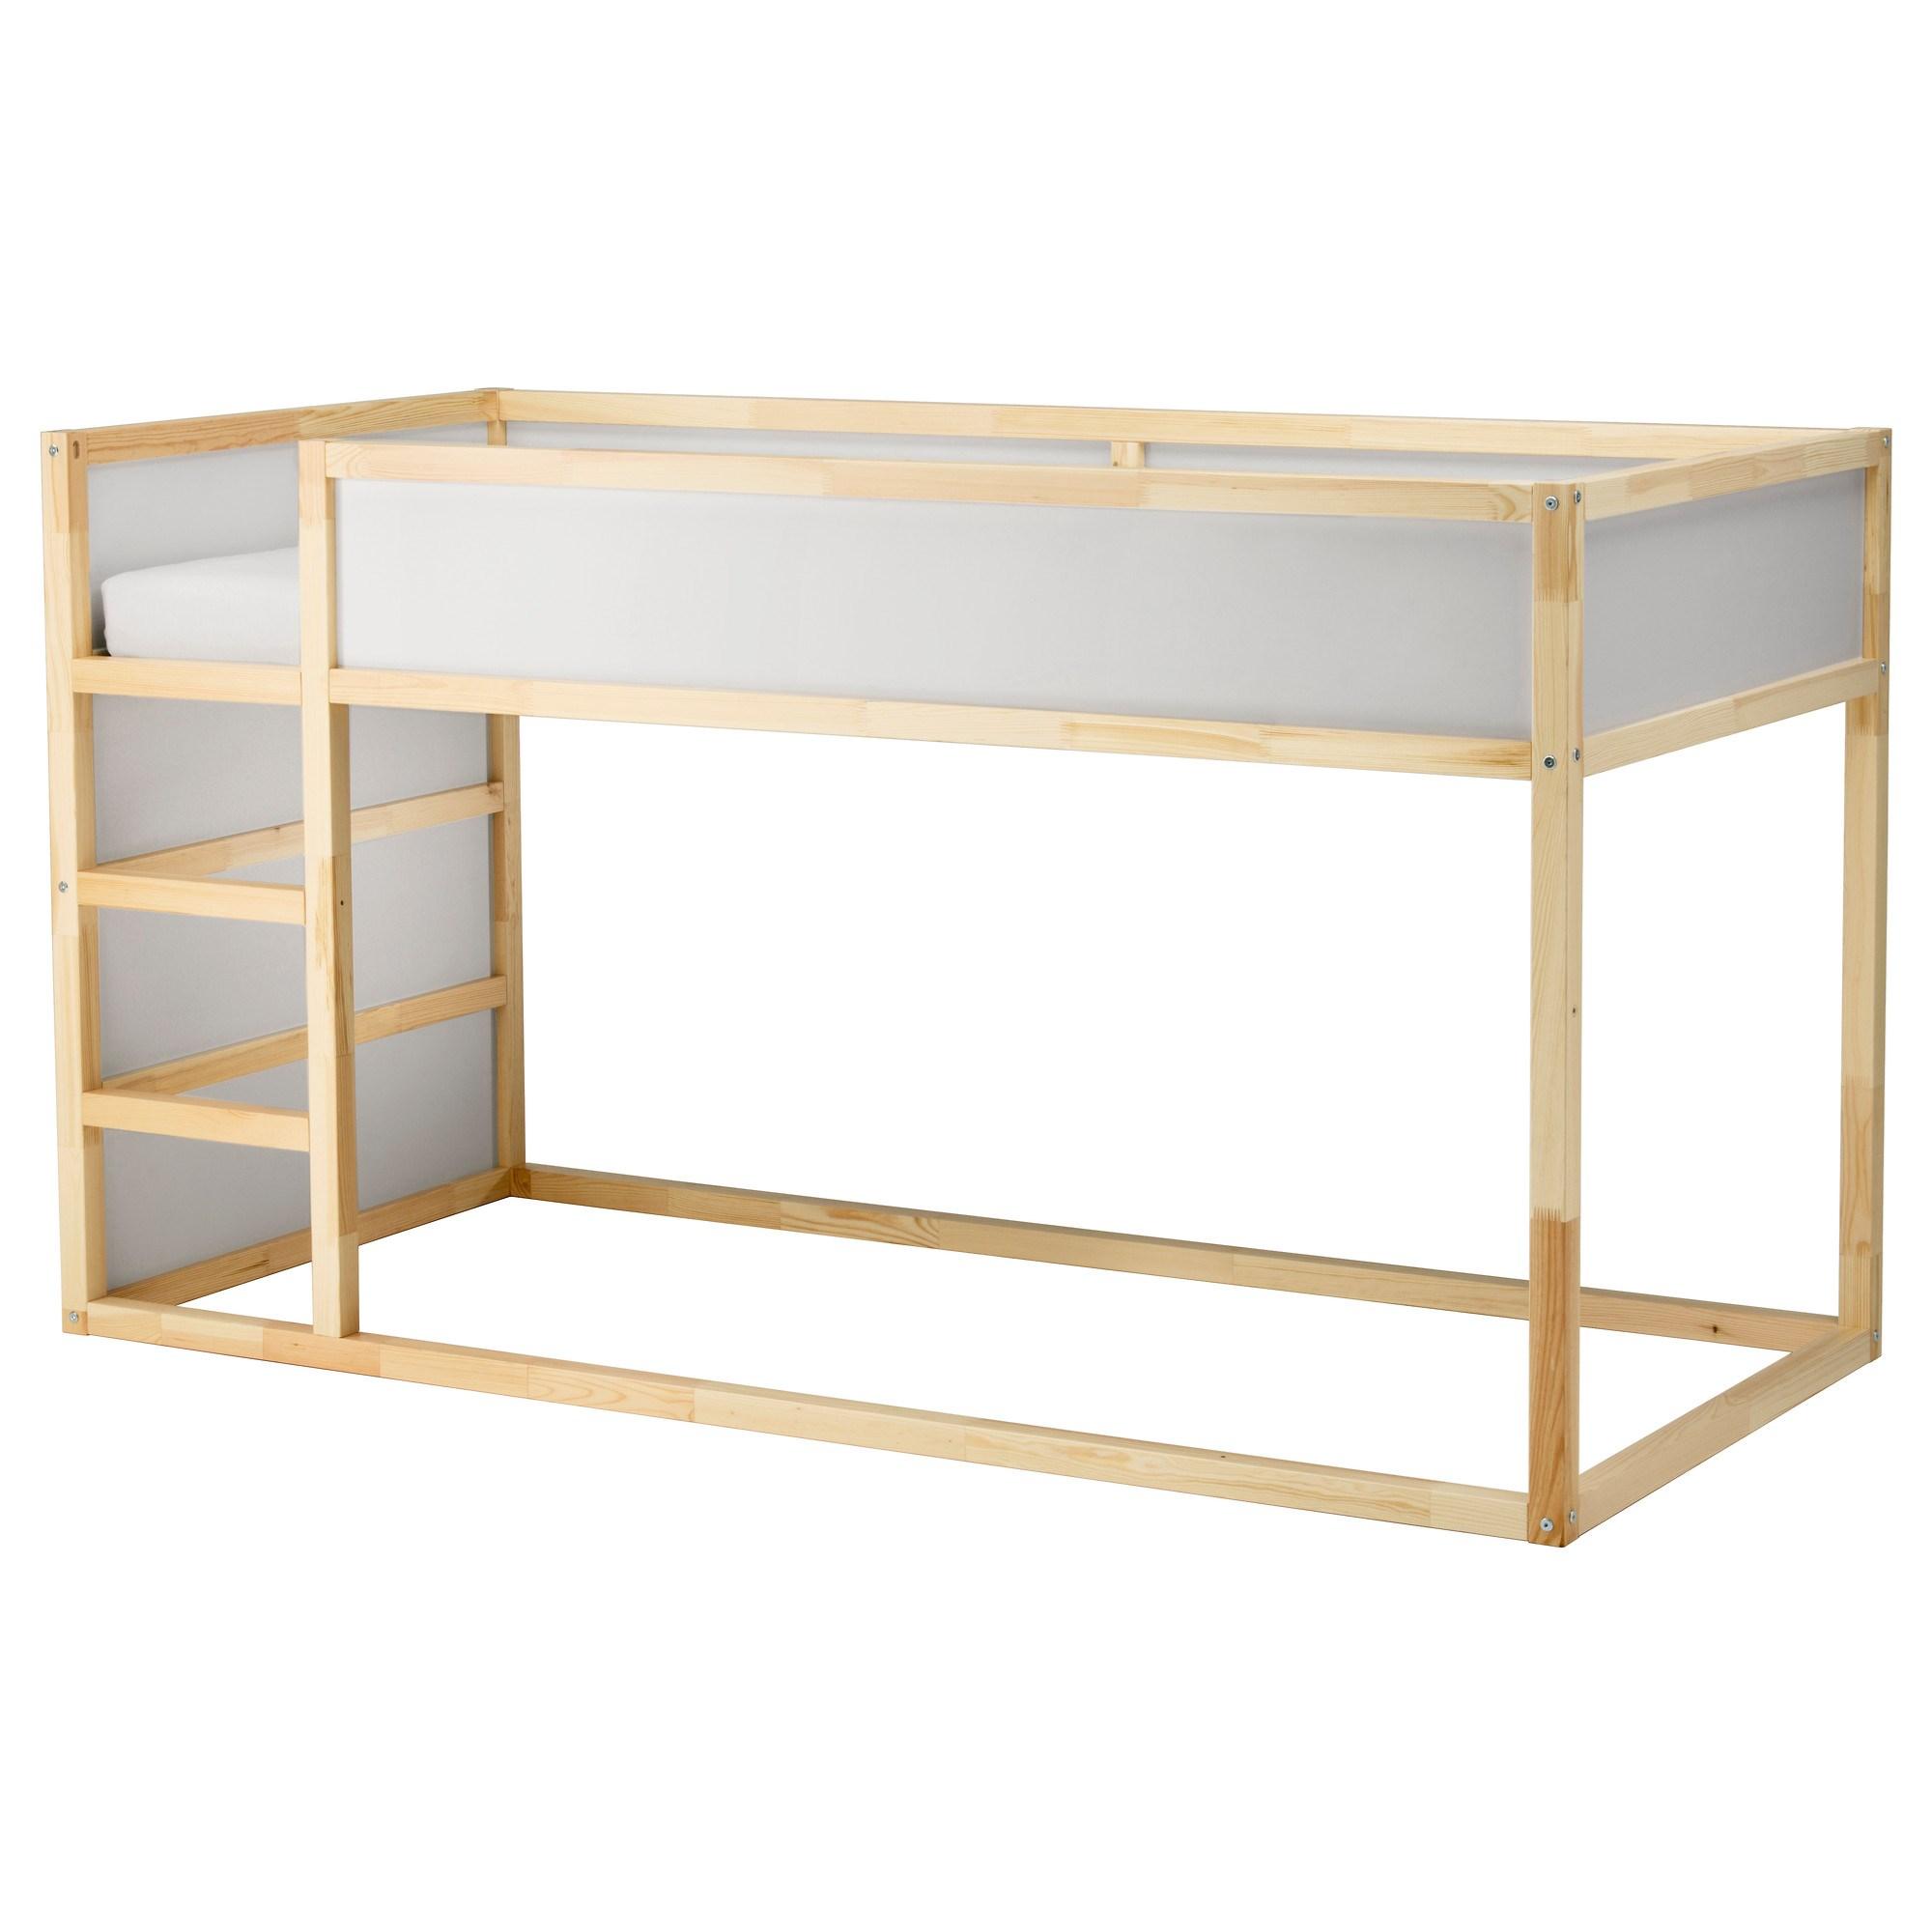 halvhøj seng ikea KURA reversible bed white/pine 90x200 cm | IKEA Children's IKEA halvhøj seng ikea